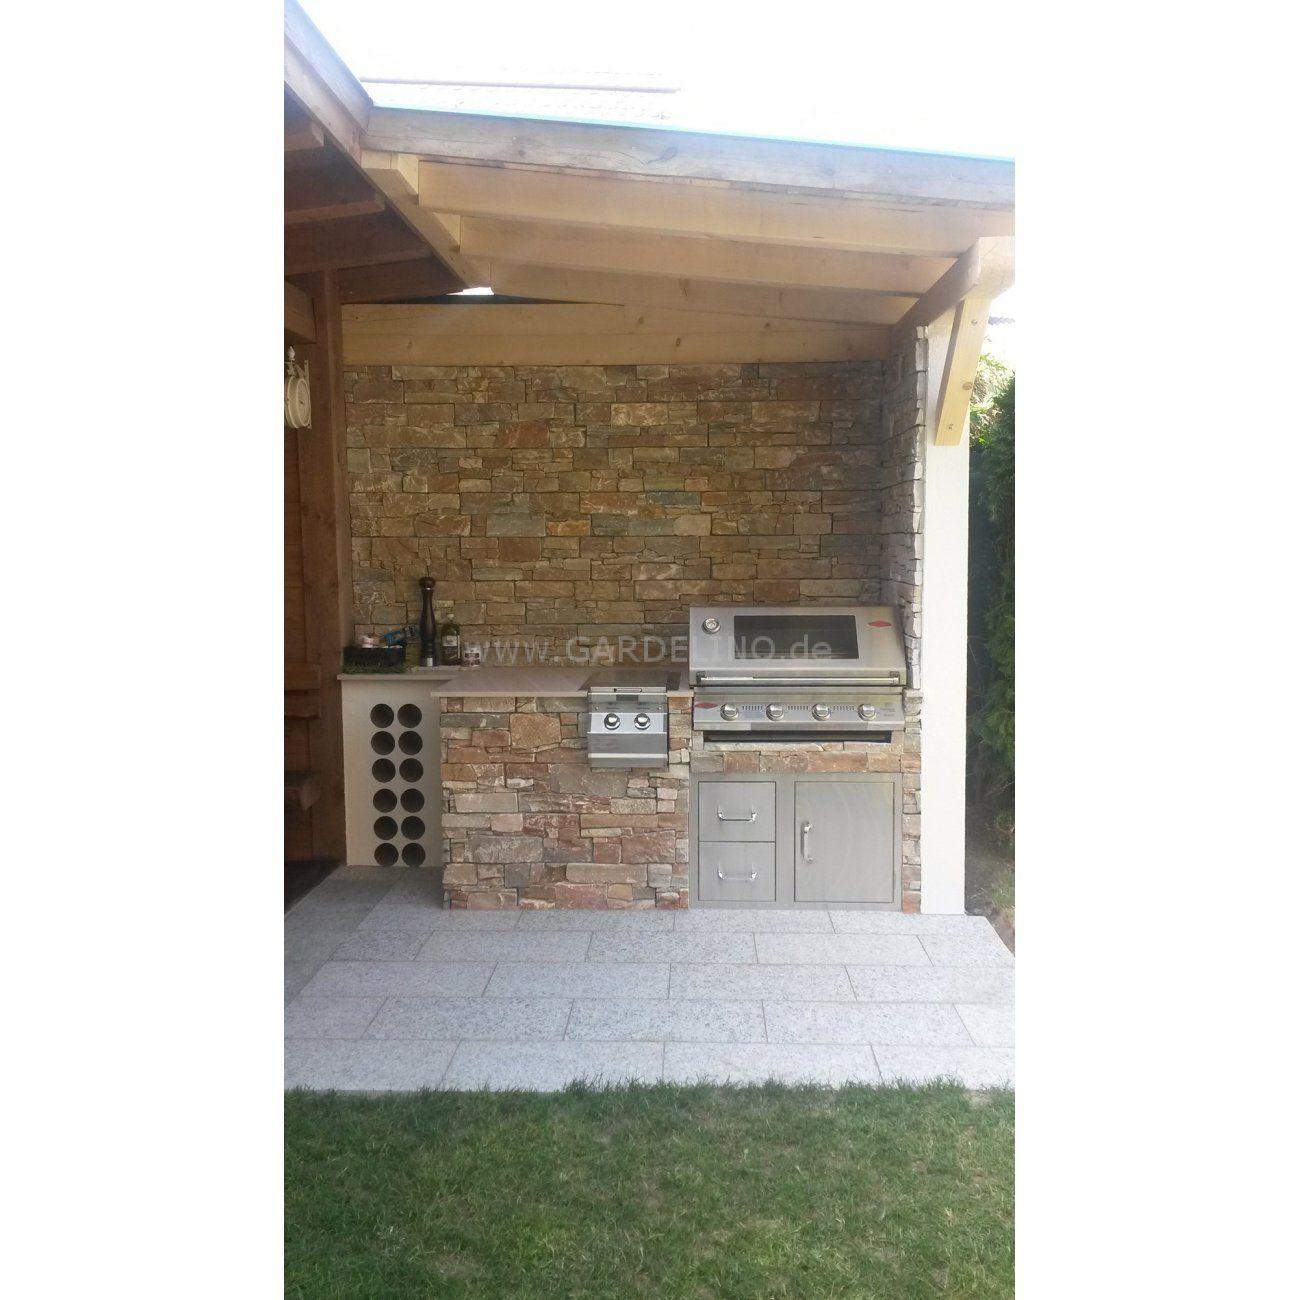 grillstation mit beefeater grill aus stein mit Überdachung // grill